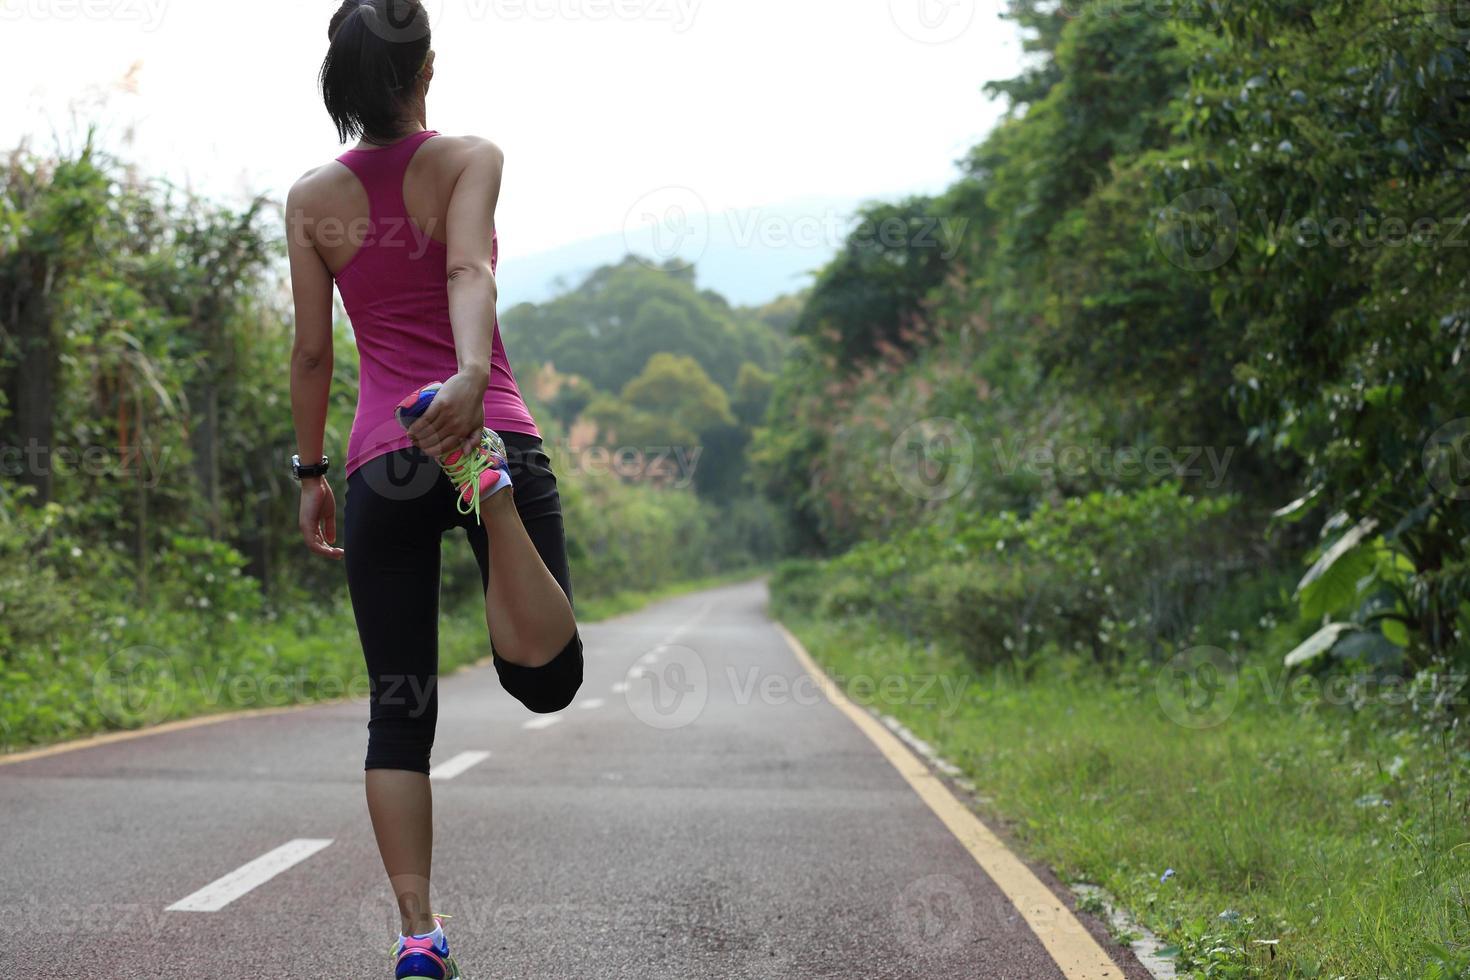 corredor de mulher aquecer ao ar livre foto